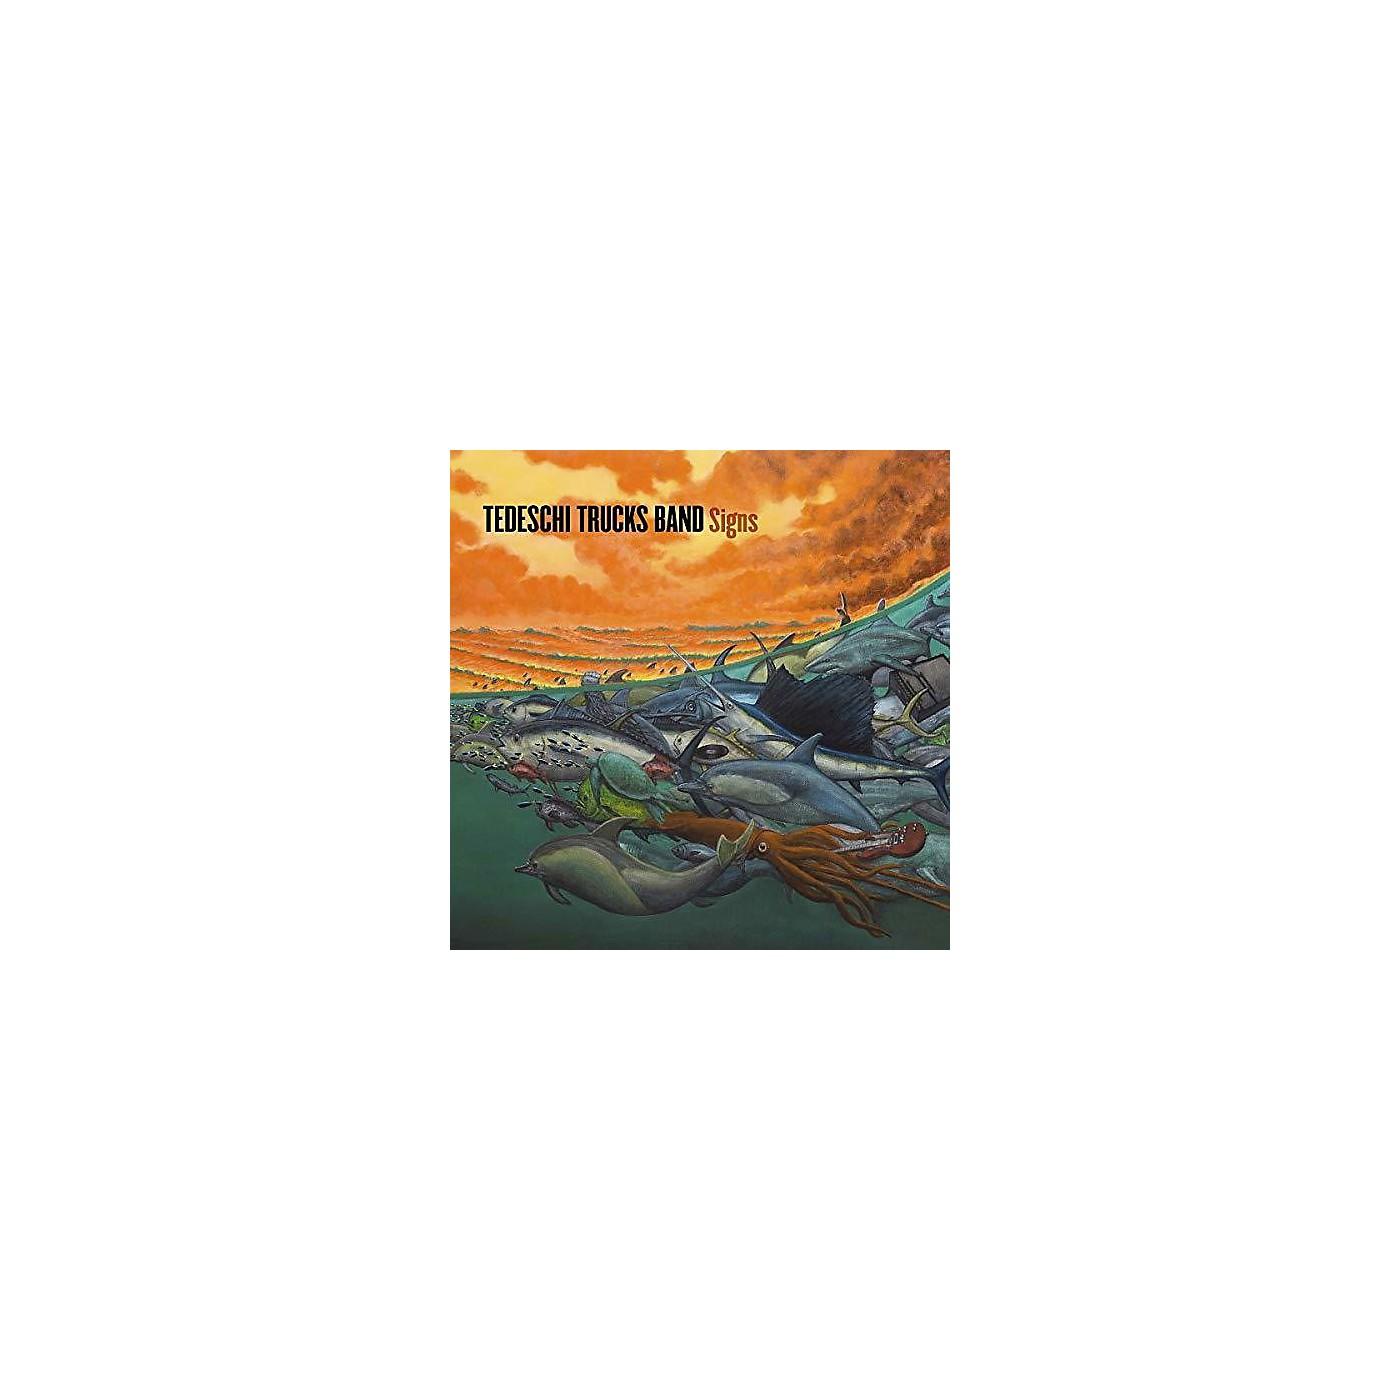 Alliance Tedeschi Trucks Band - Signs (CD) thumbnail